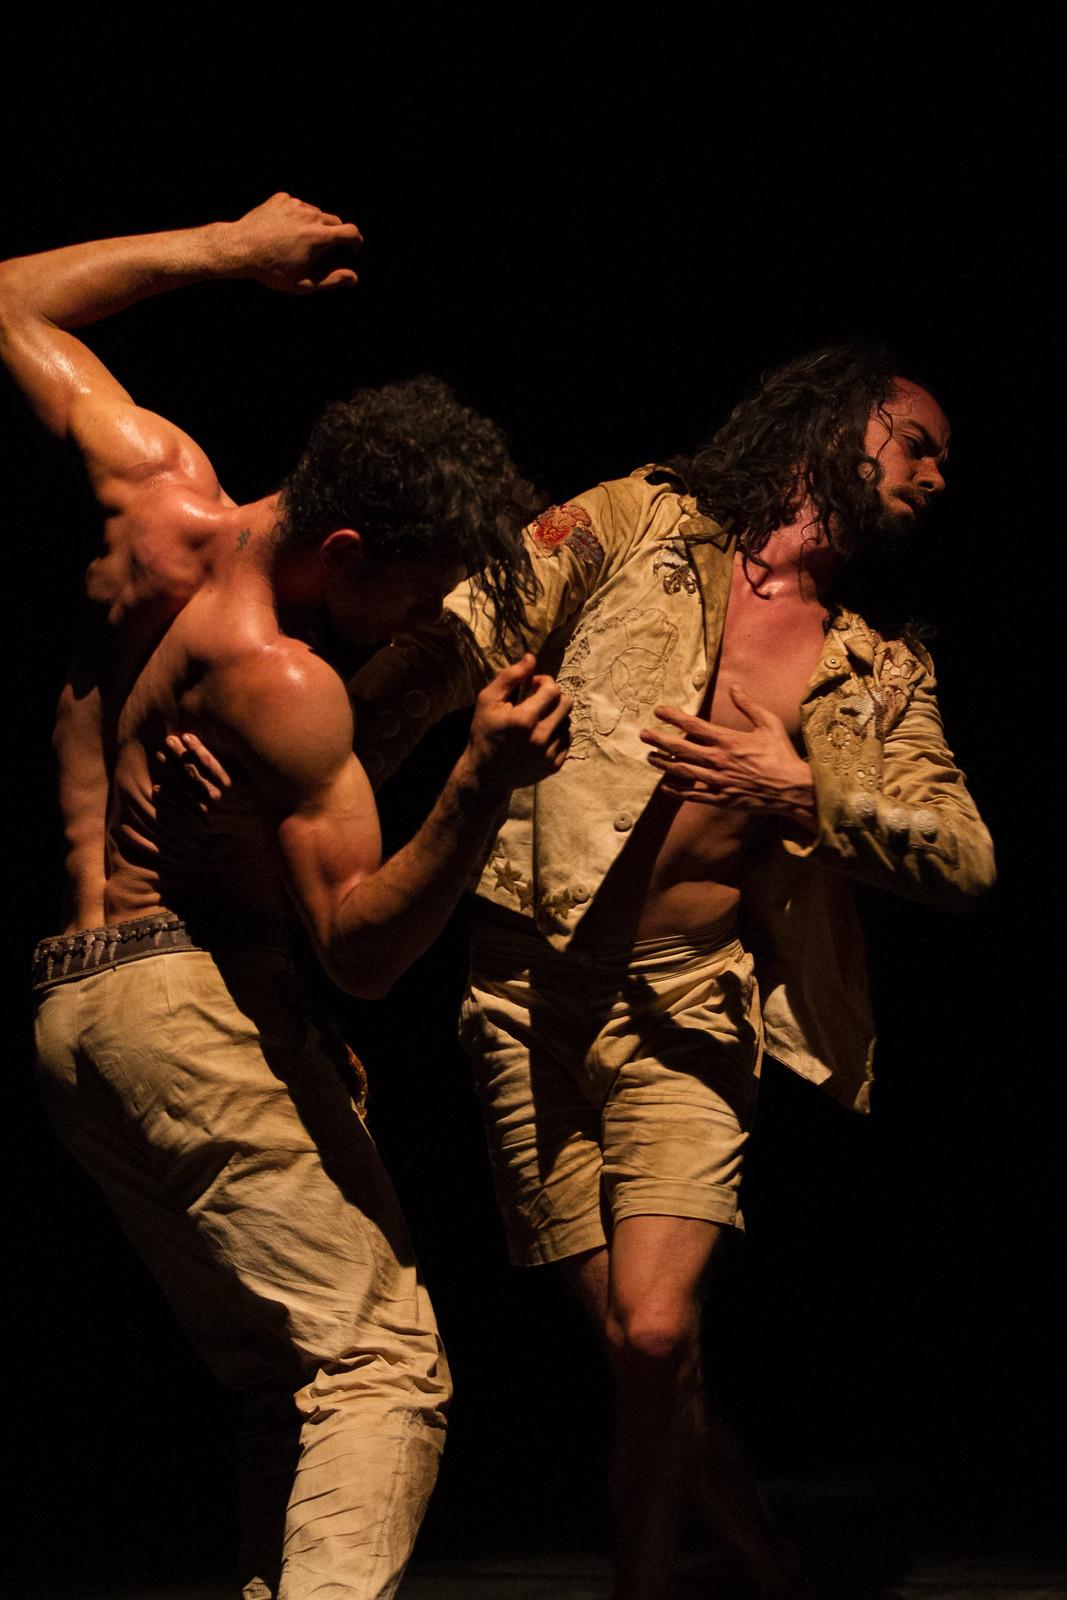 Atração: Mostra Contemporânea de Dança - Grupo Ateliê do Gesto - 35º Festival de Dança de Joinville